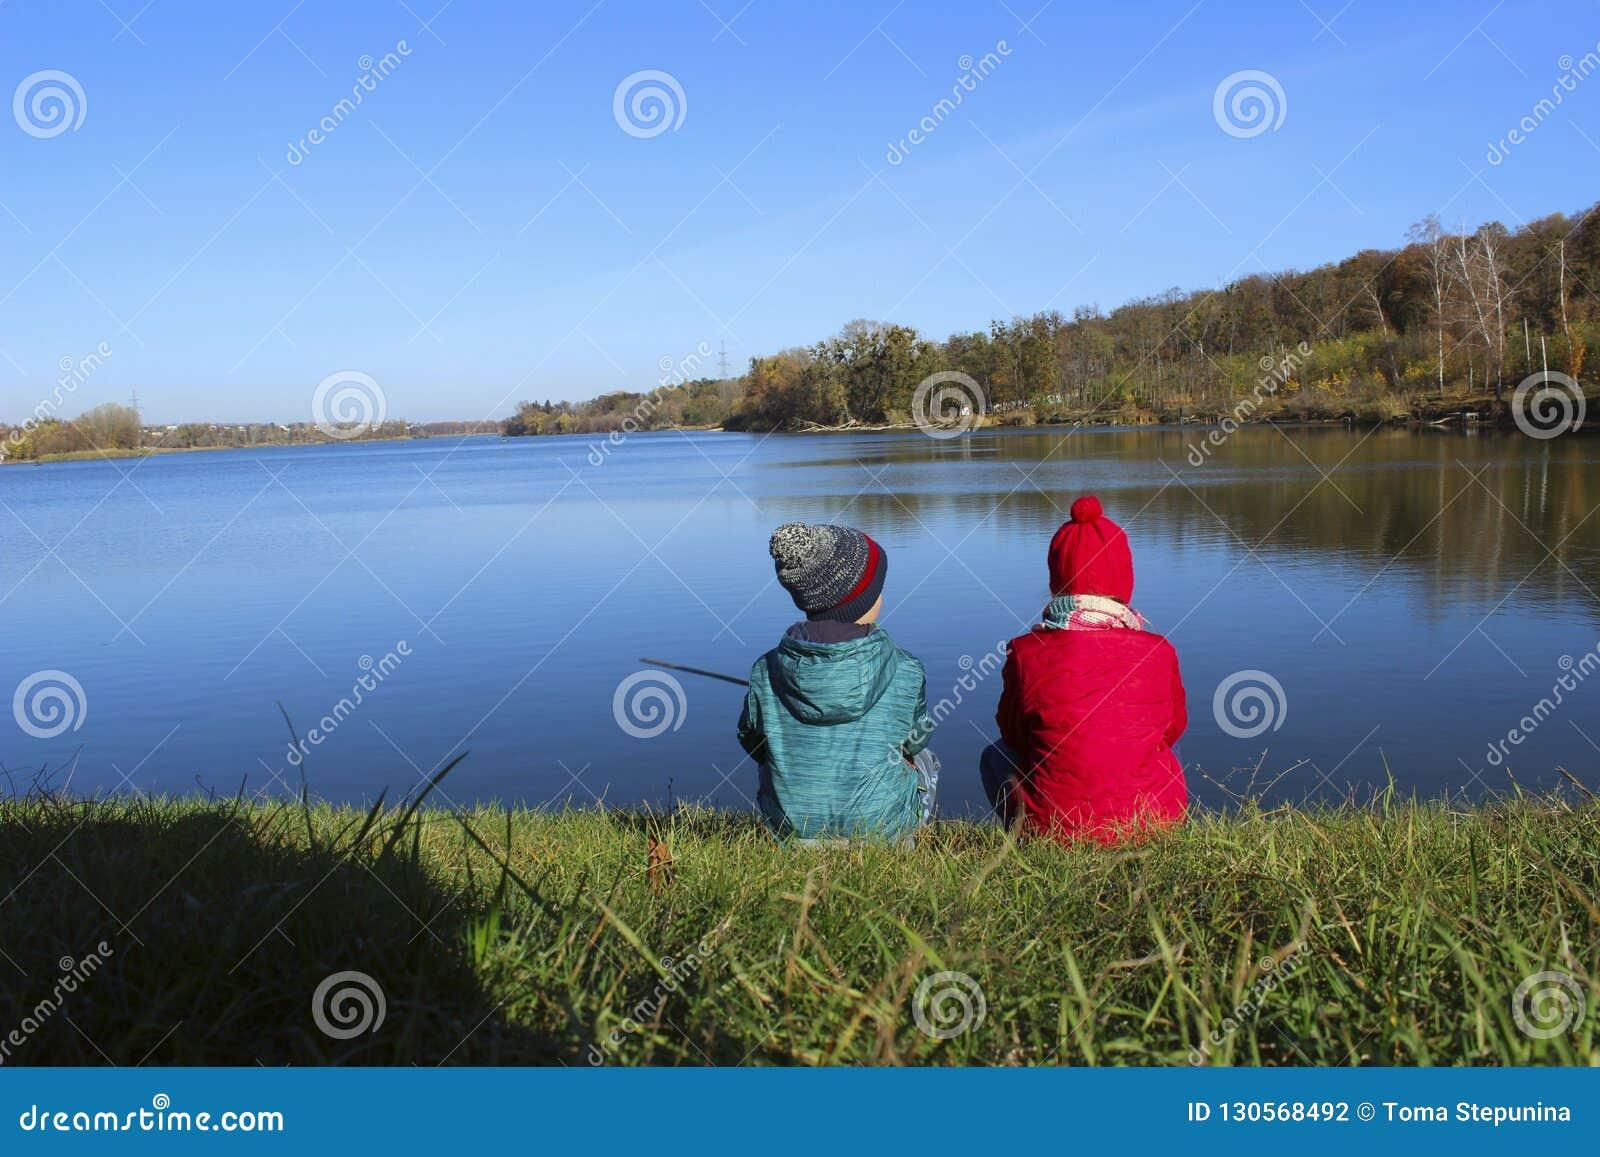 Friendly Family, Children, Travel, Family Value Concept. Children Walking.